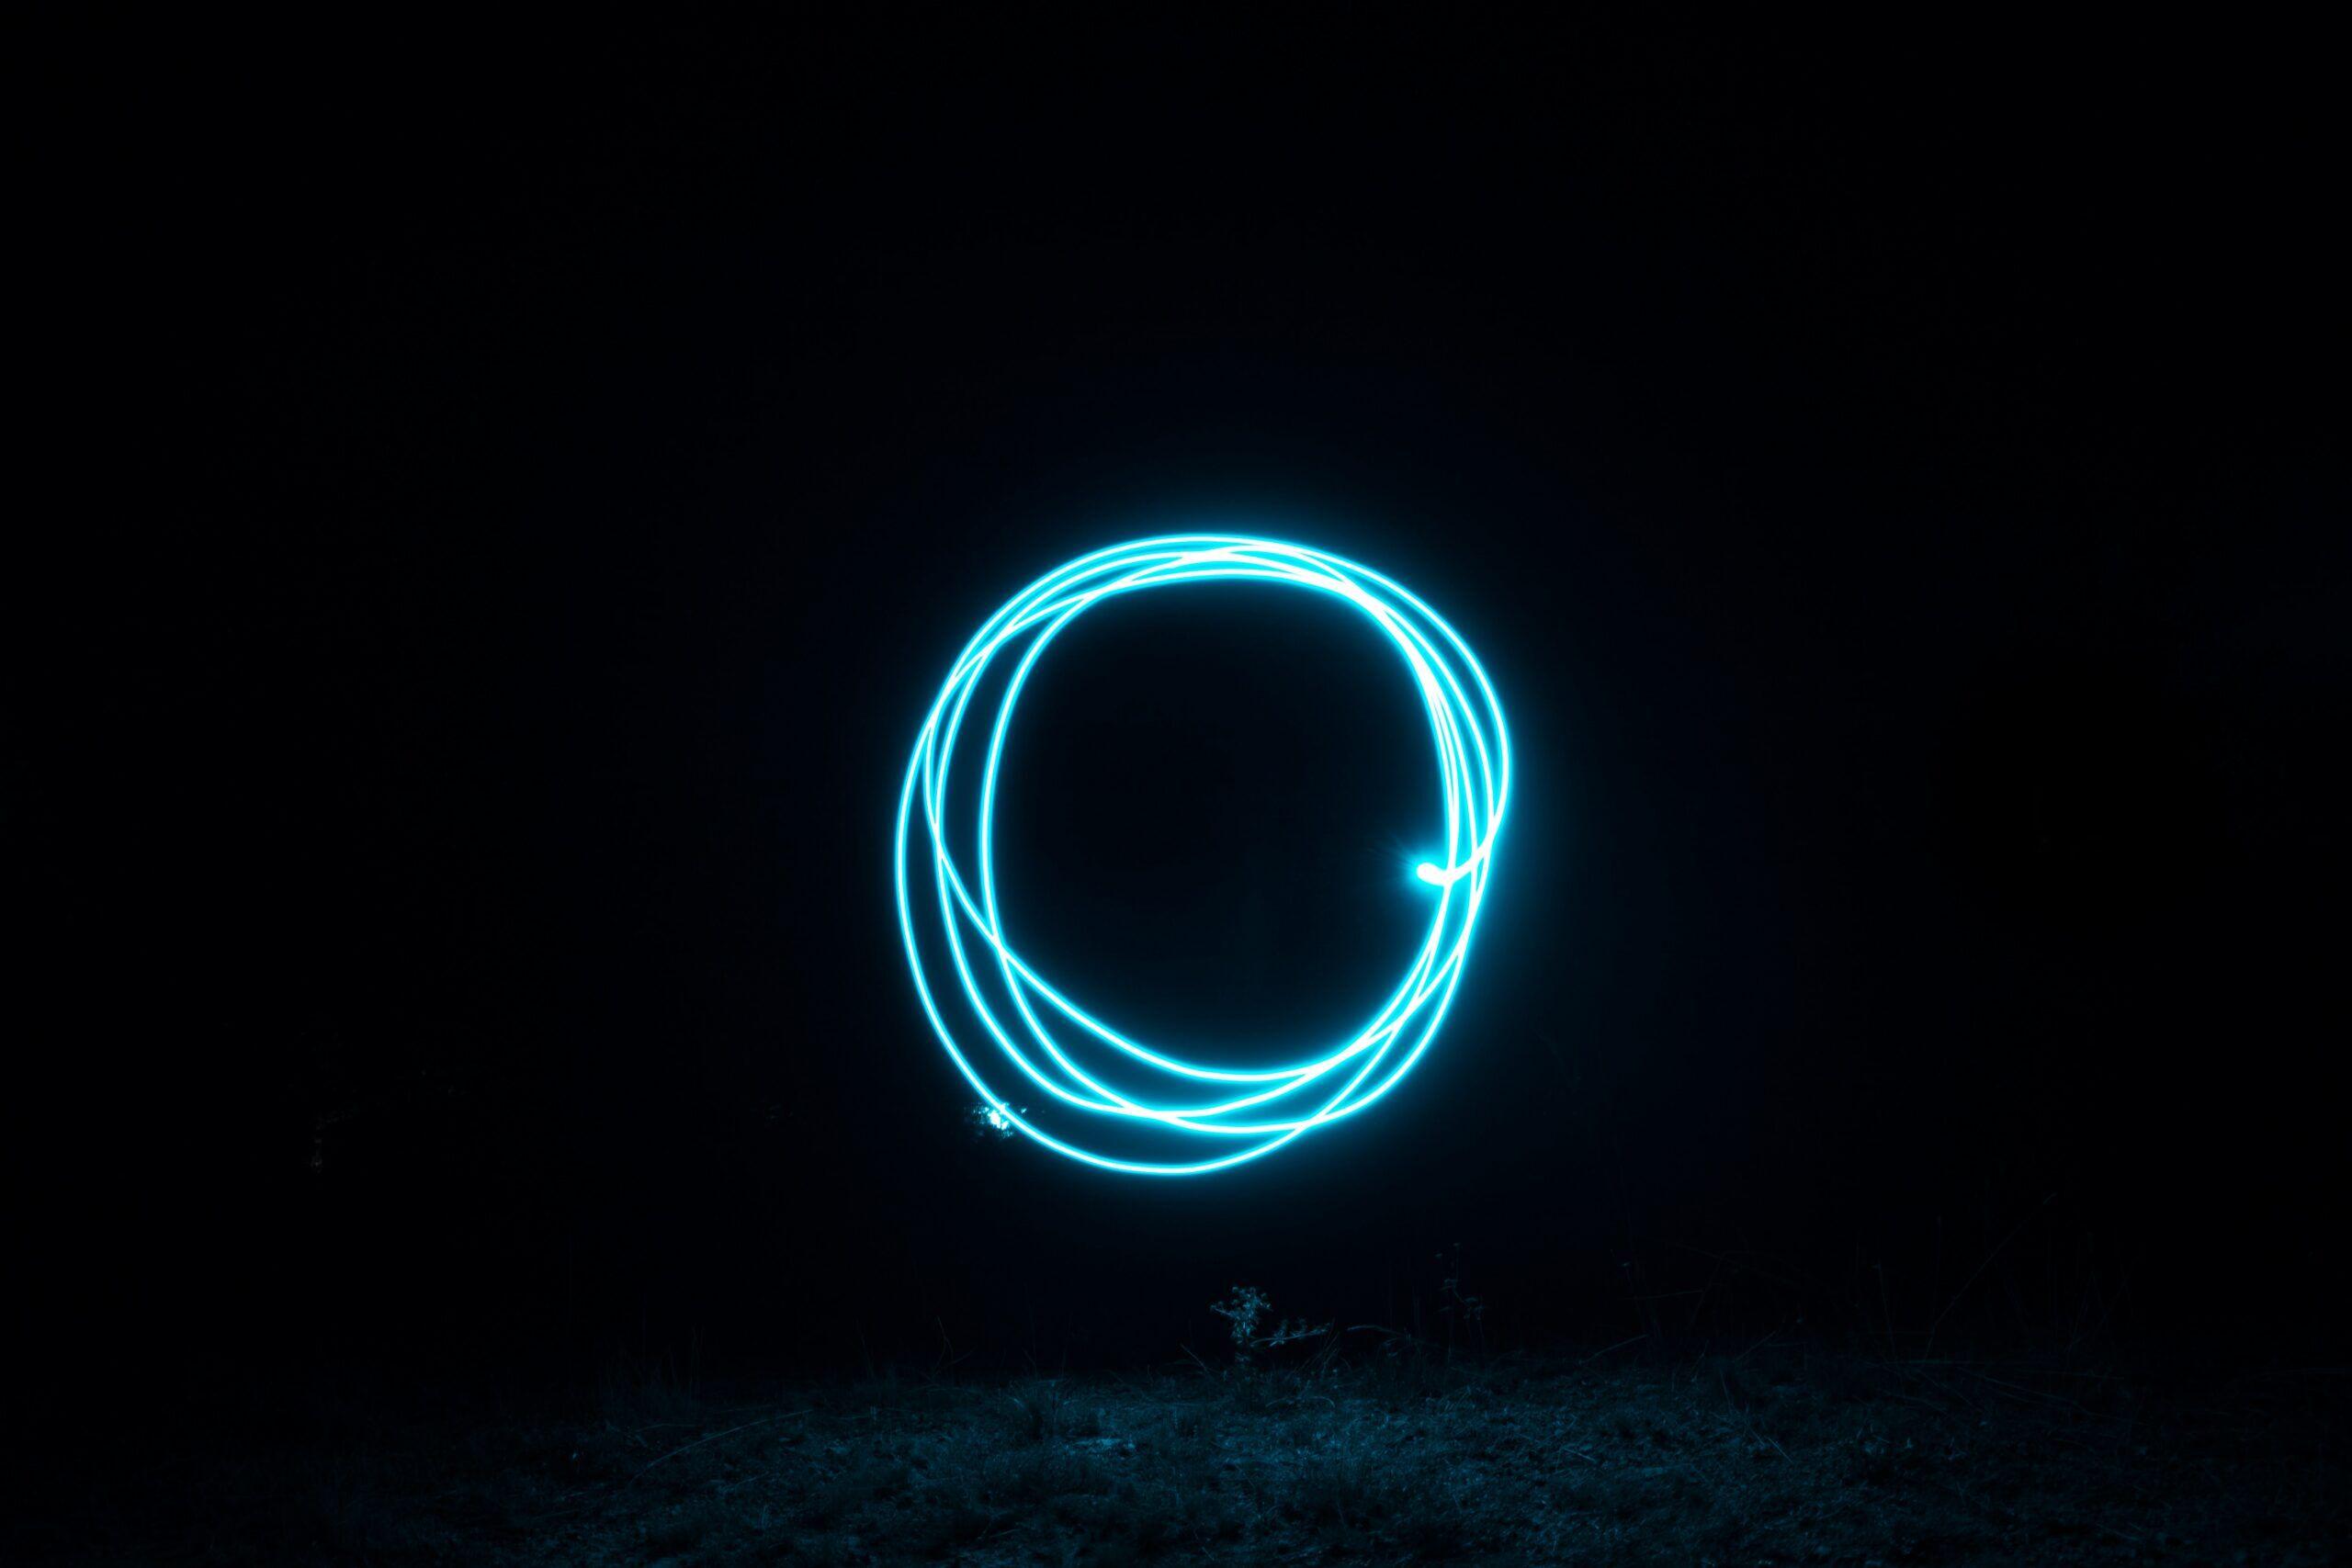 Blaue Lichtkreise in der Nacht